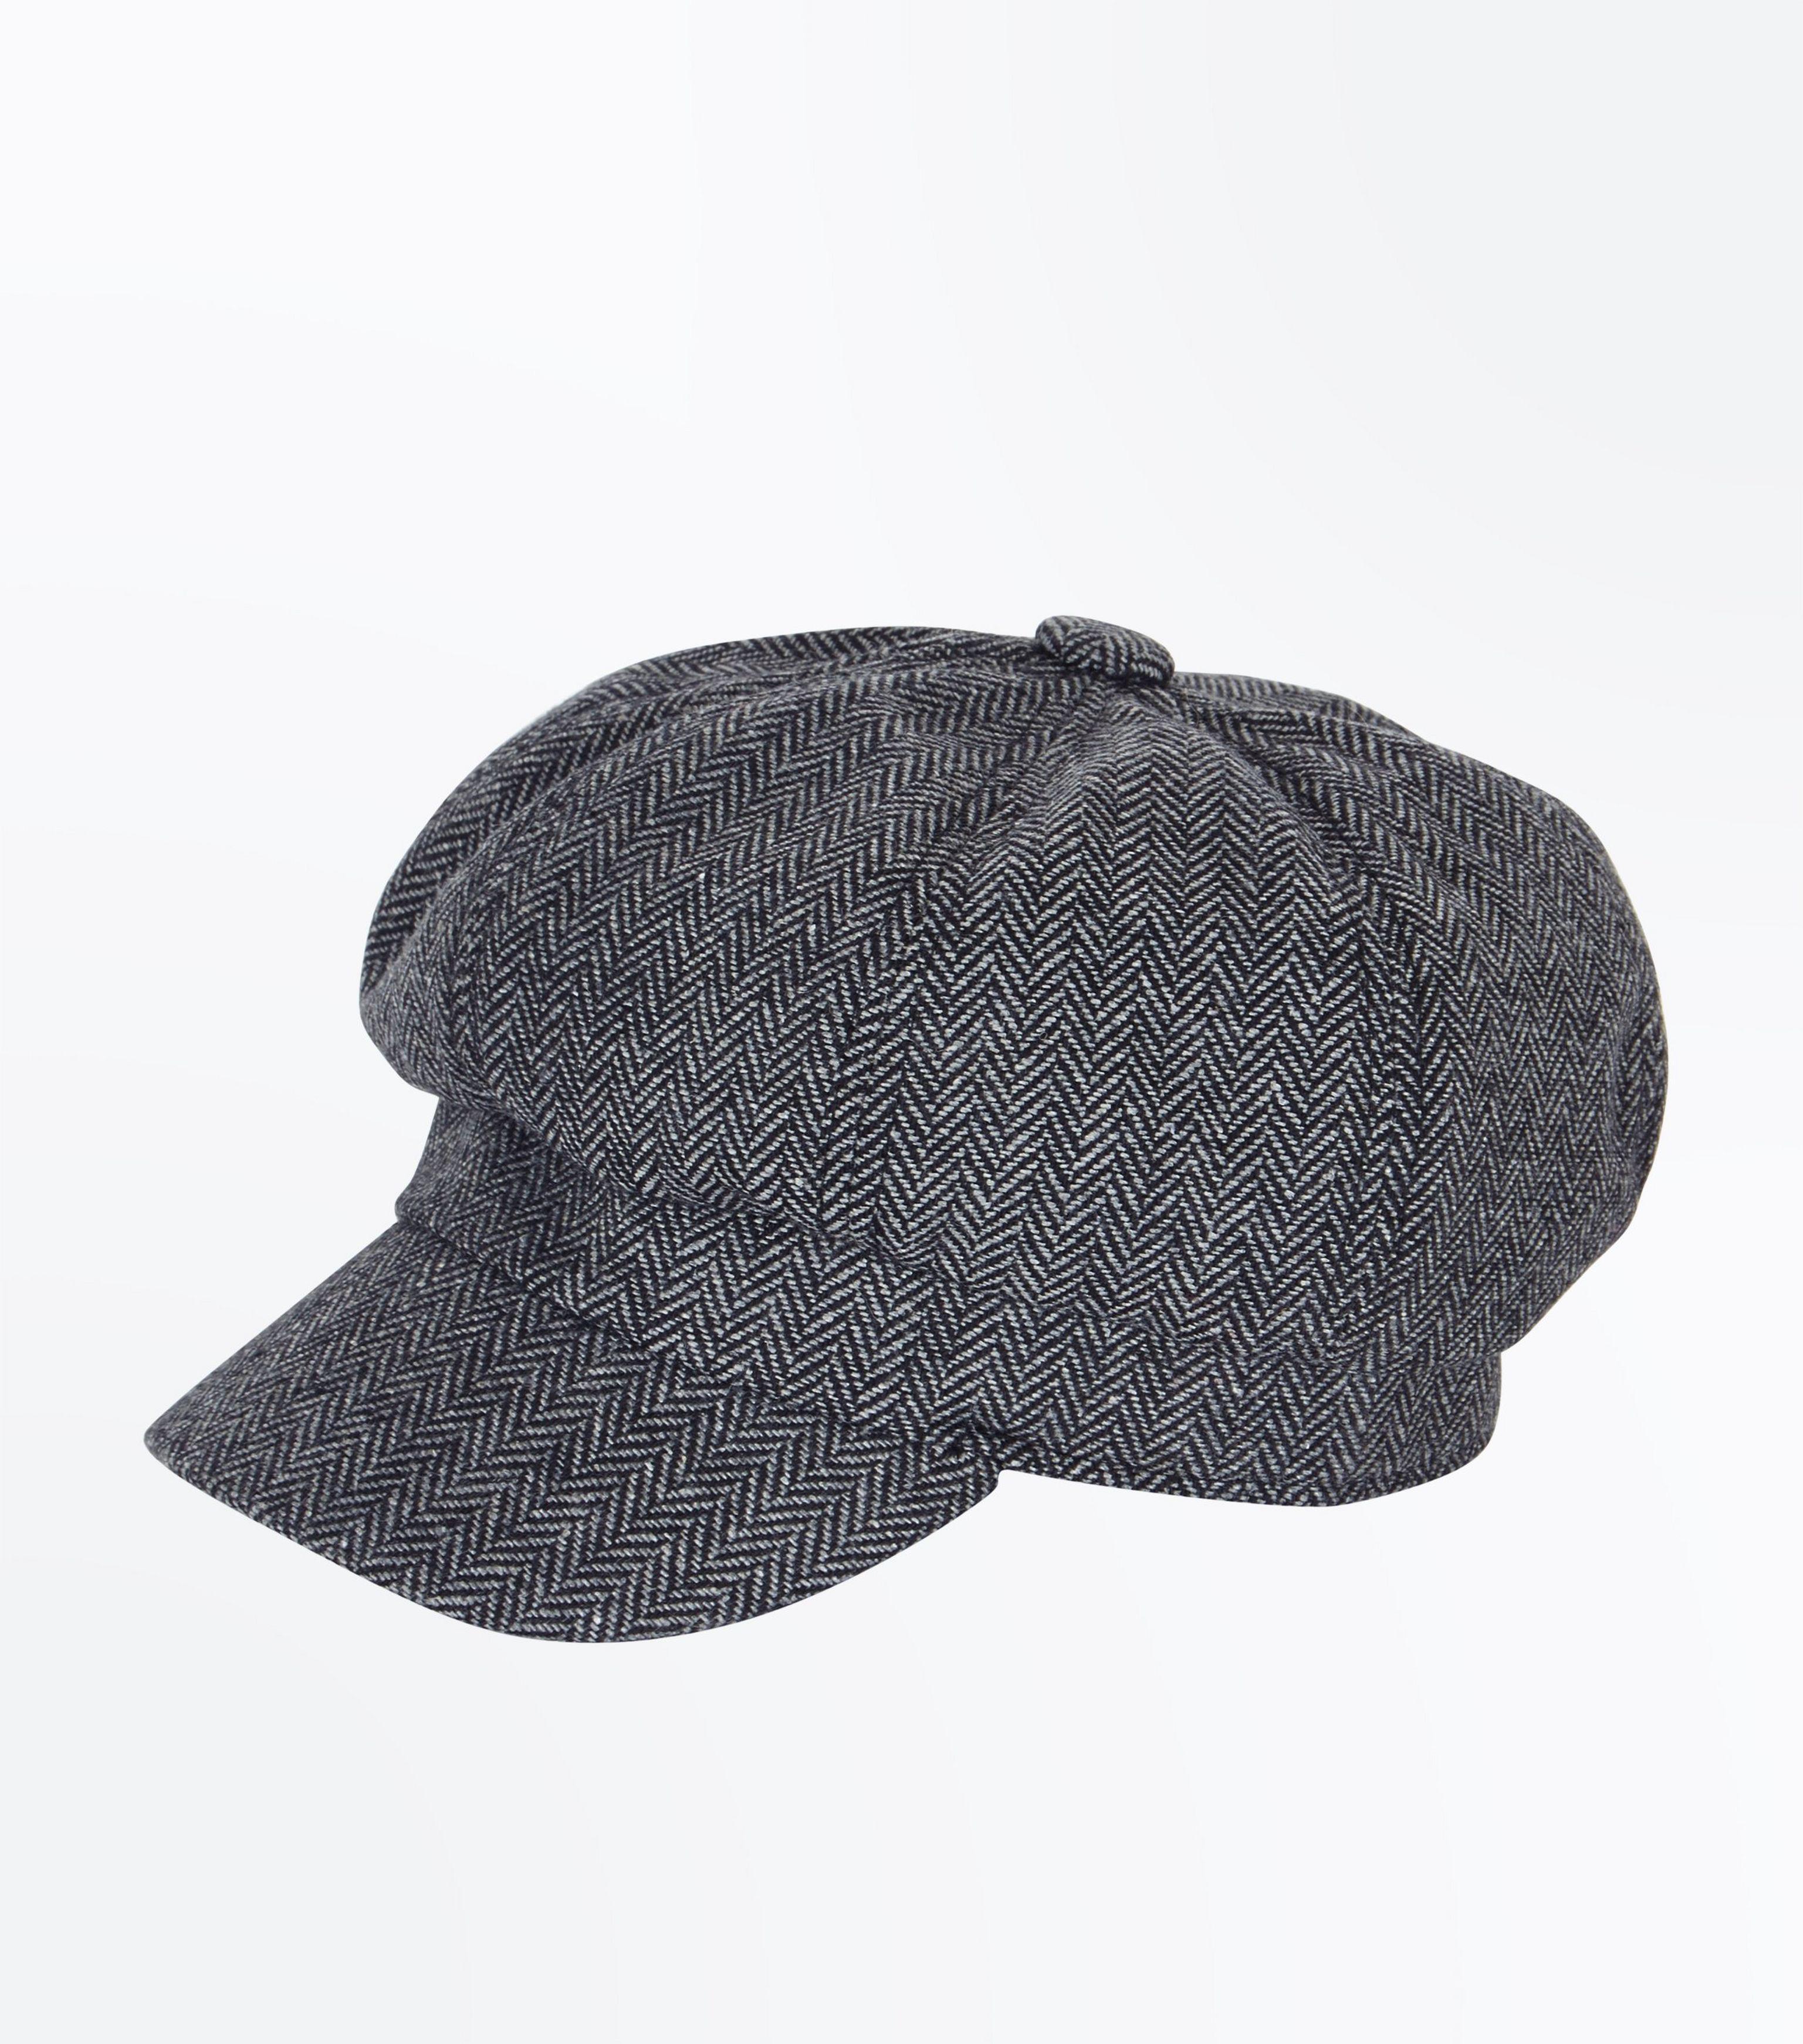 New Look Dark Grey Tweed Baker Boy Hat in Gray for Men - Lyst 83c19d4df2d